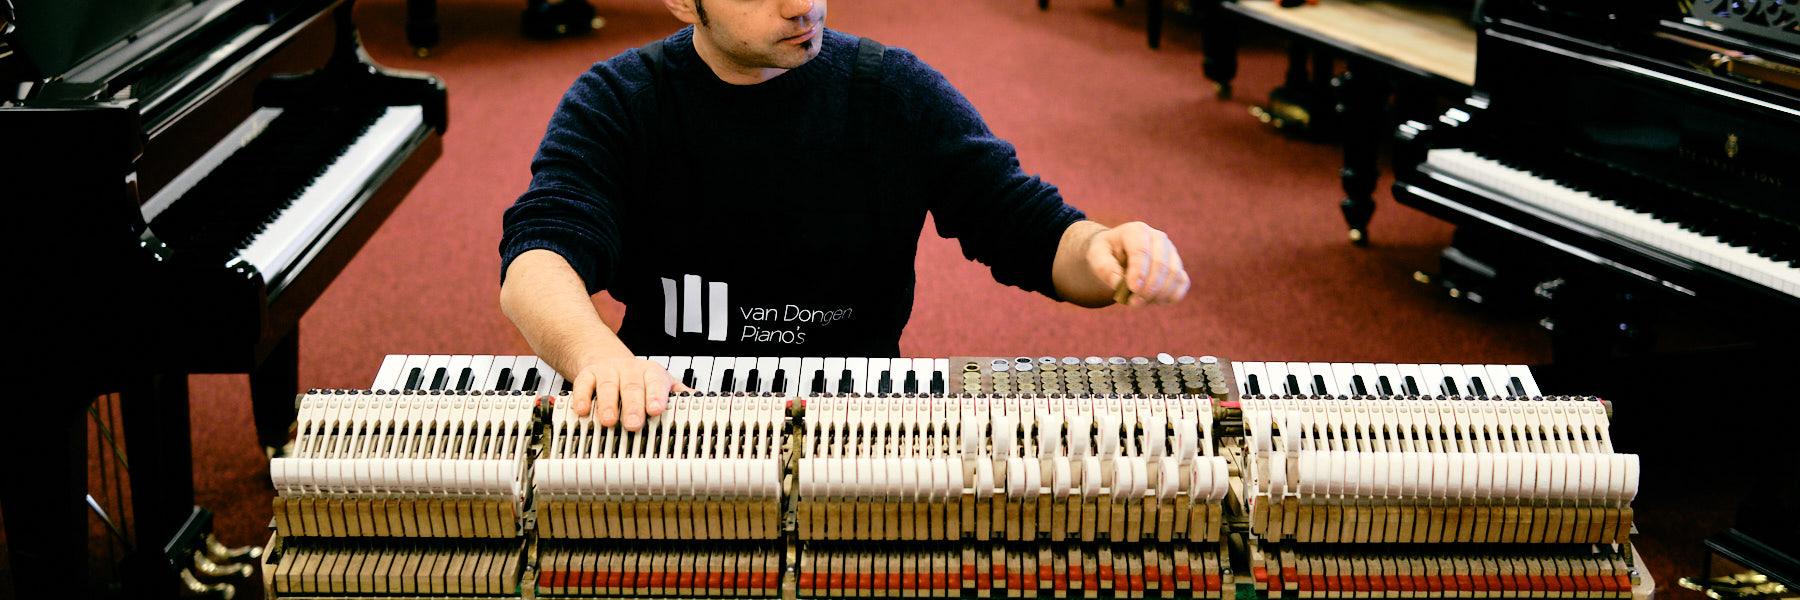 Van Dongen Piano's Pianostemmer 4 tim leguijt fotografie